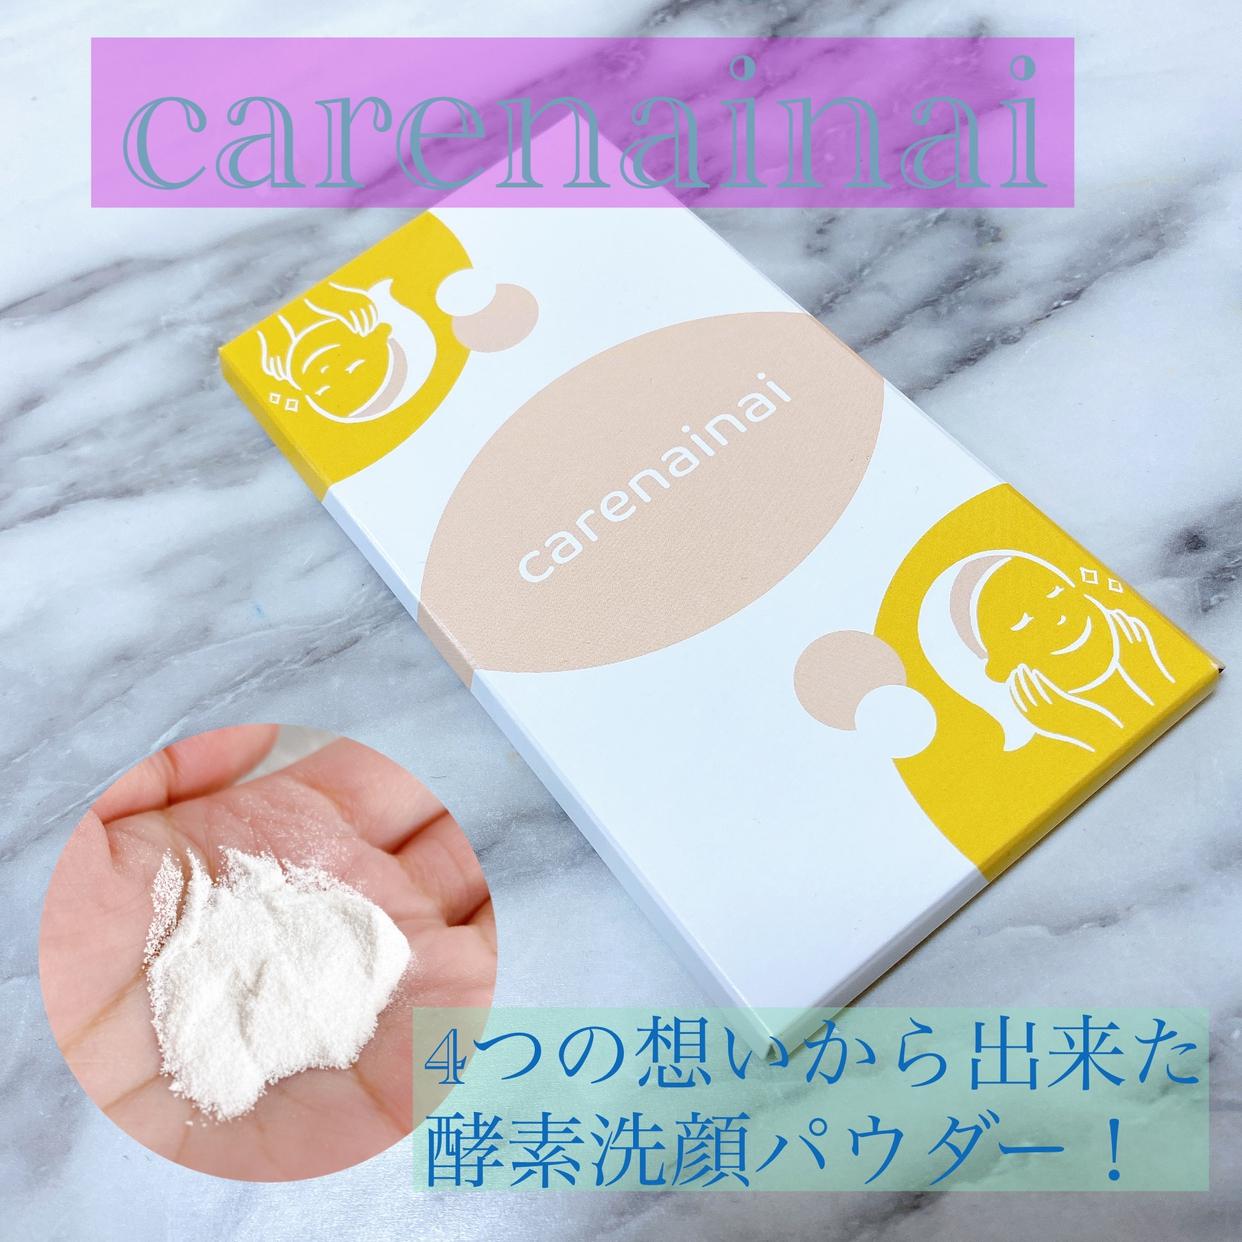 carenainai(ケアナイナイ) 酵素洗顔パウダーを使ったちーこすさんのクチコミ画像1